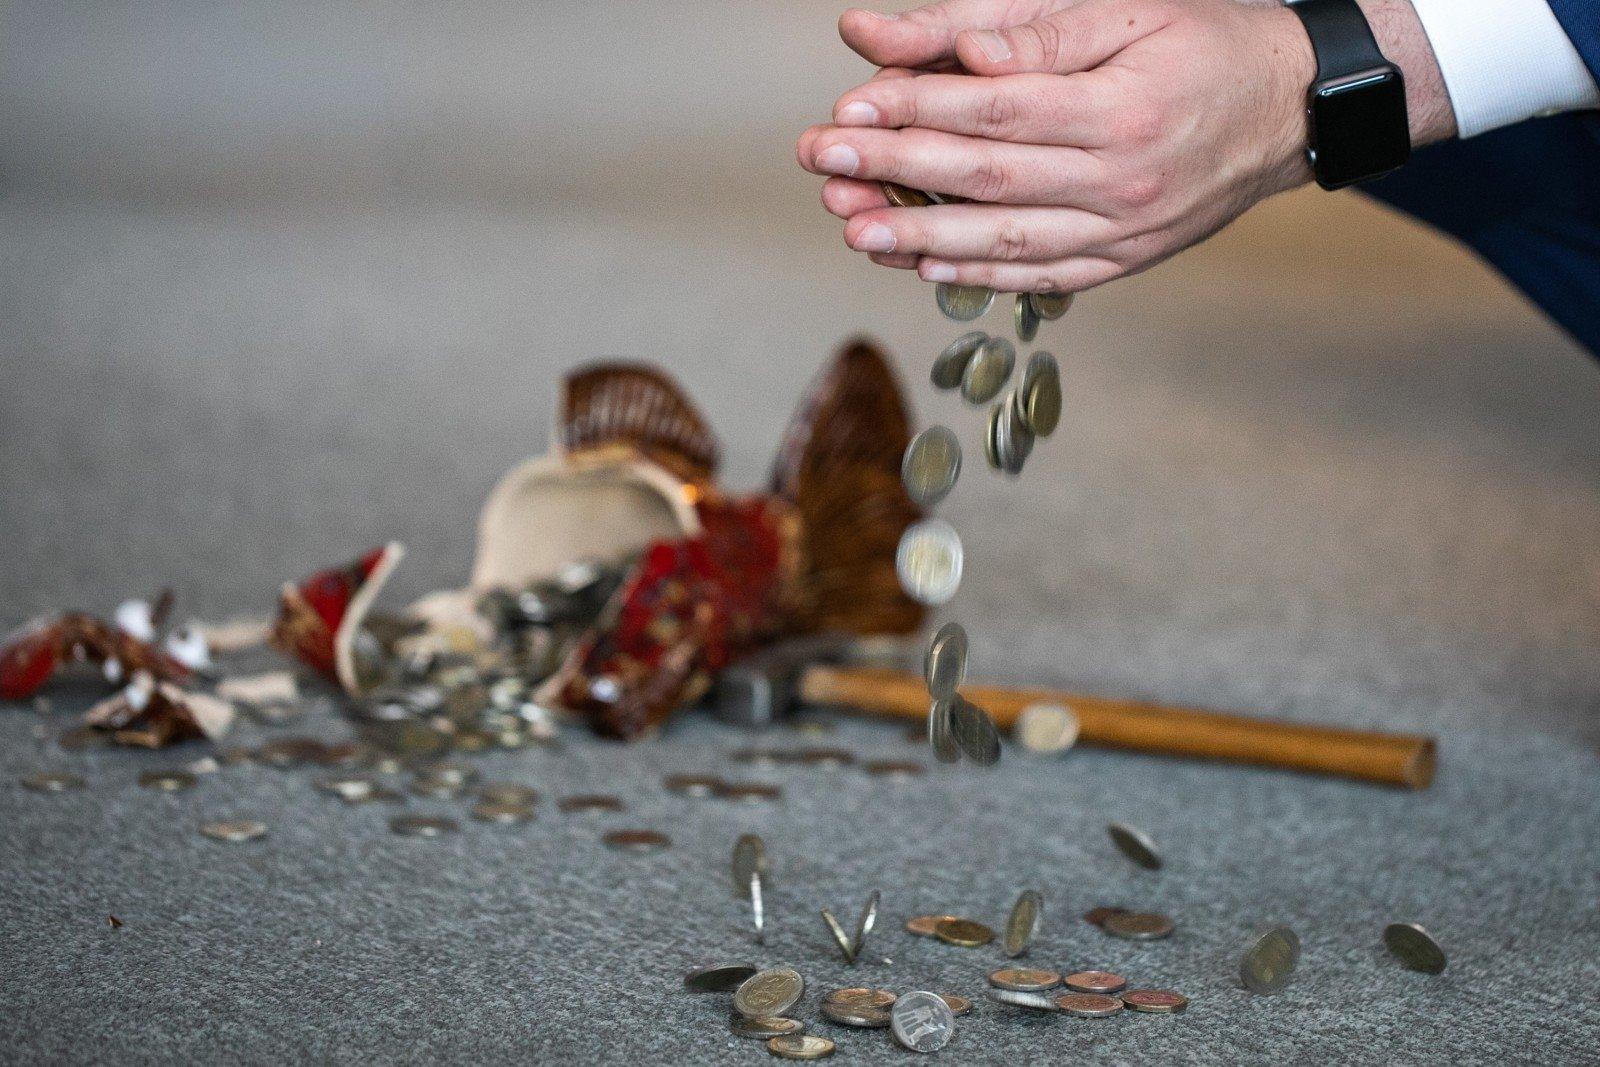 kaip galima papildomai uzsidirbti dienos prekyba giliai pinigų opcionuose